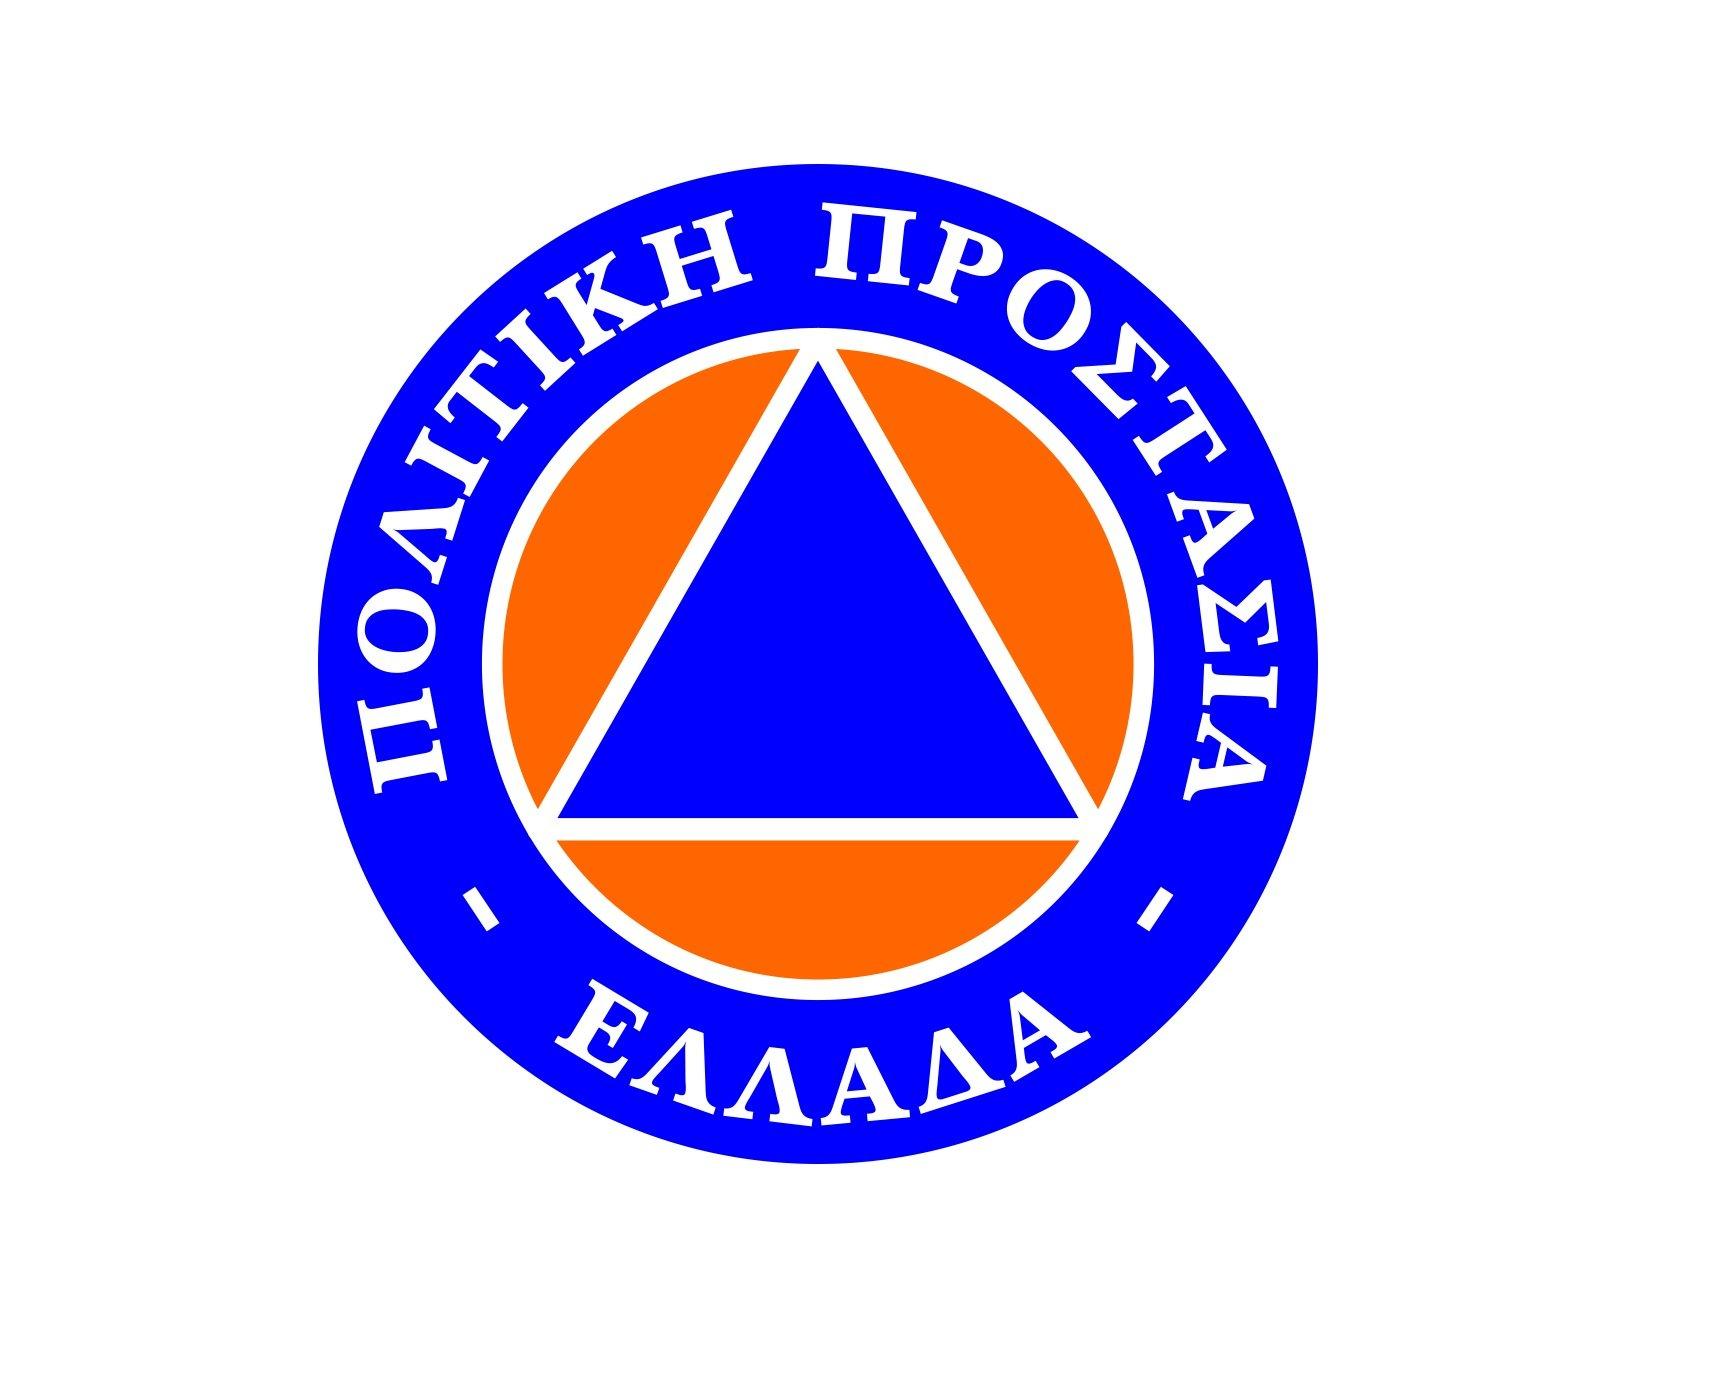 πολιτικη προστασια,πυρκαγια lyrics,ΧΑΡΤΗΣ, Χάρτης Πρόβλεψης Κινδύνου Πυρκαγιάς για Παρασκευή 26-6-2020, Eviathema.gr | ΕΥΒΟΙΑ ΝΕΑ - Νέα και ειδήσεις από όλη την Εύβοια